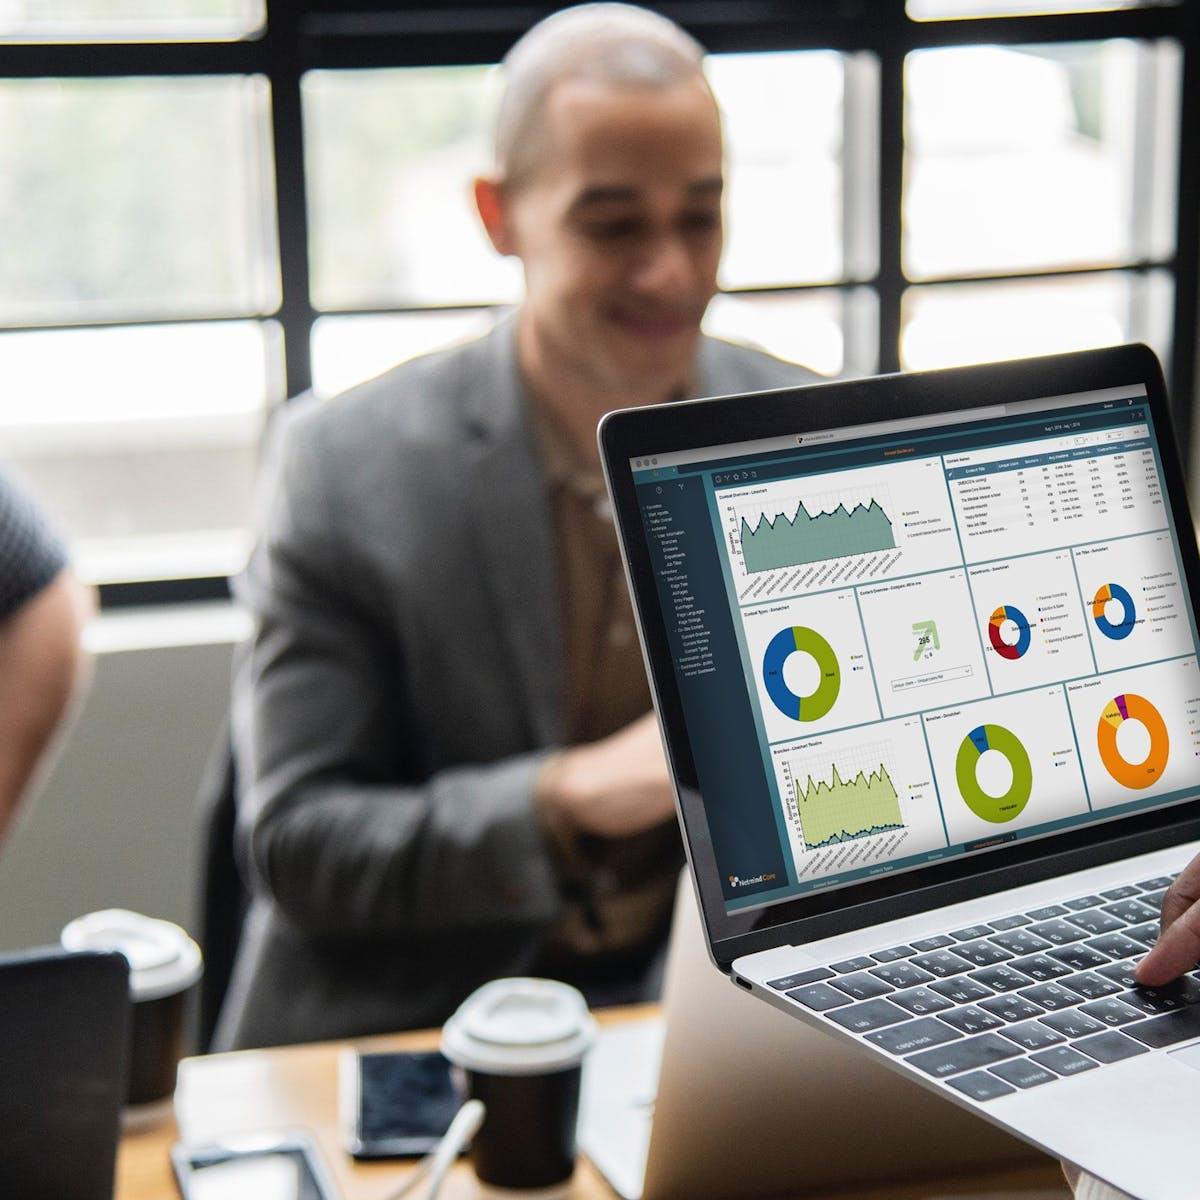 Software-Entwickler sitzt an Laptop